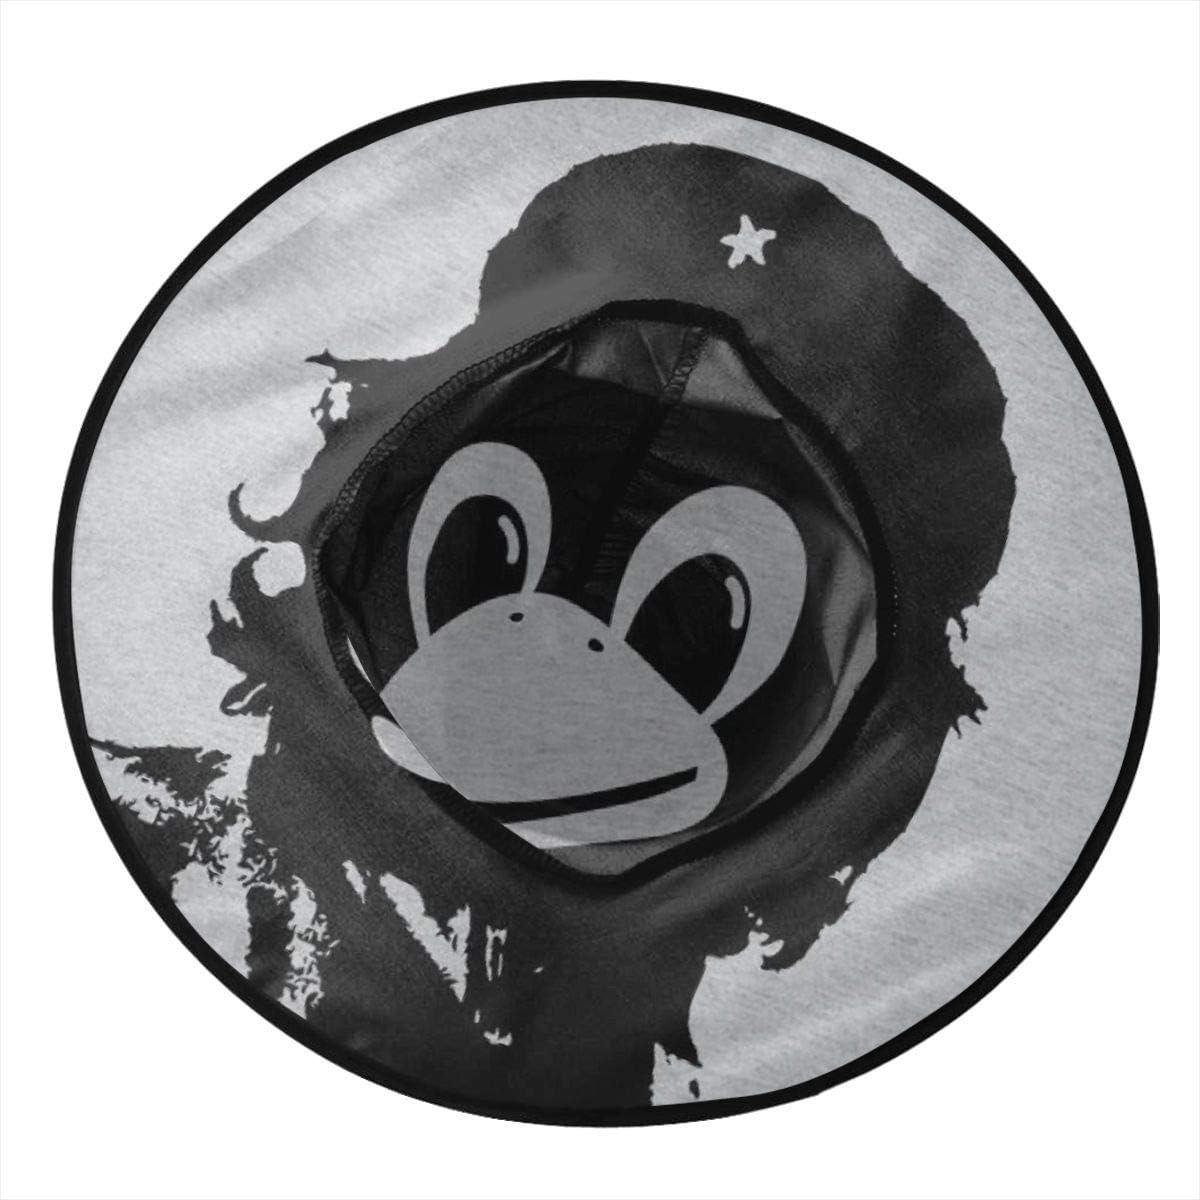 NUJSHF Viva Programming Tux Linux Che Guevara Sombrero de Bruja Halloween Unisex Disfraz para día Festivo Halloween Navidad Carnaval Fiesta: Amazon.es: Productos para mascotas